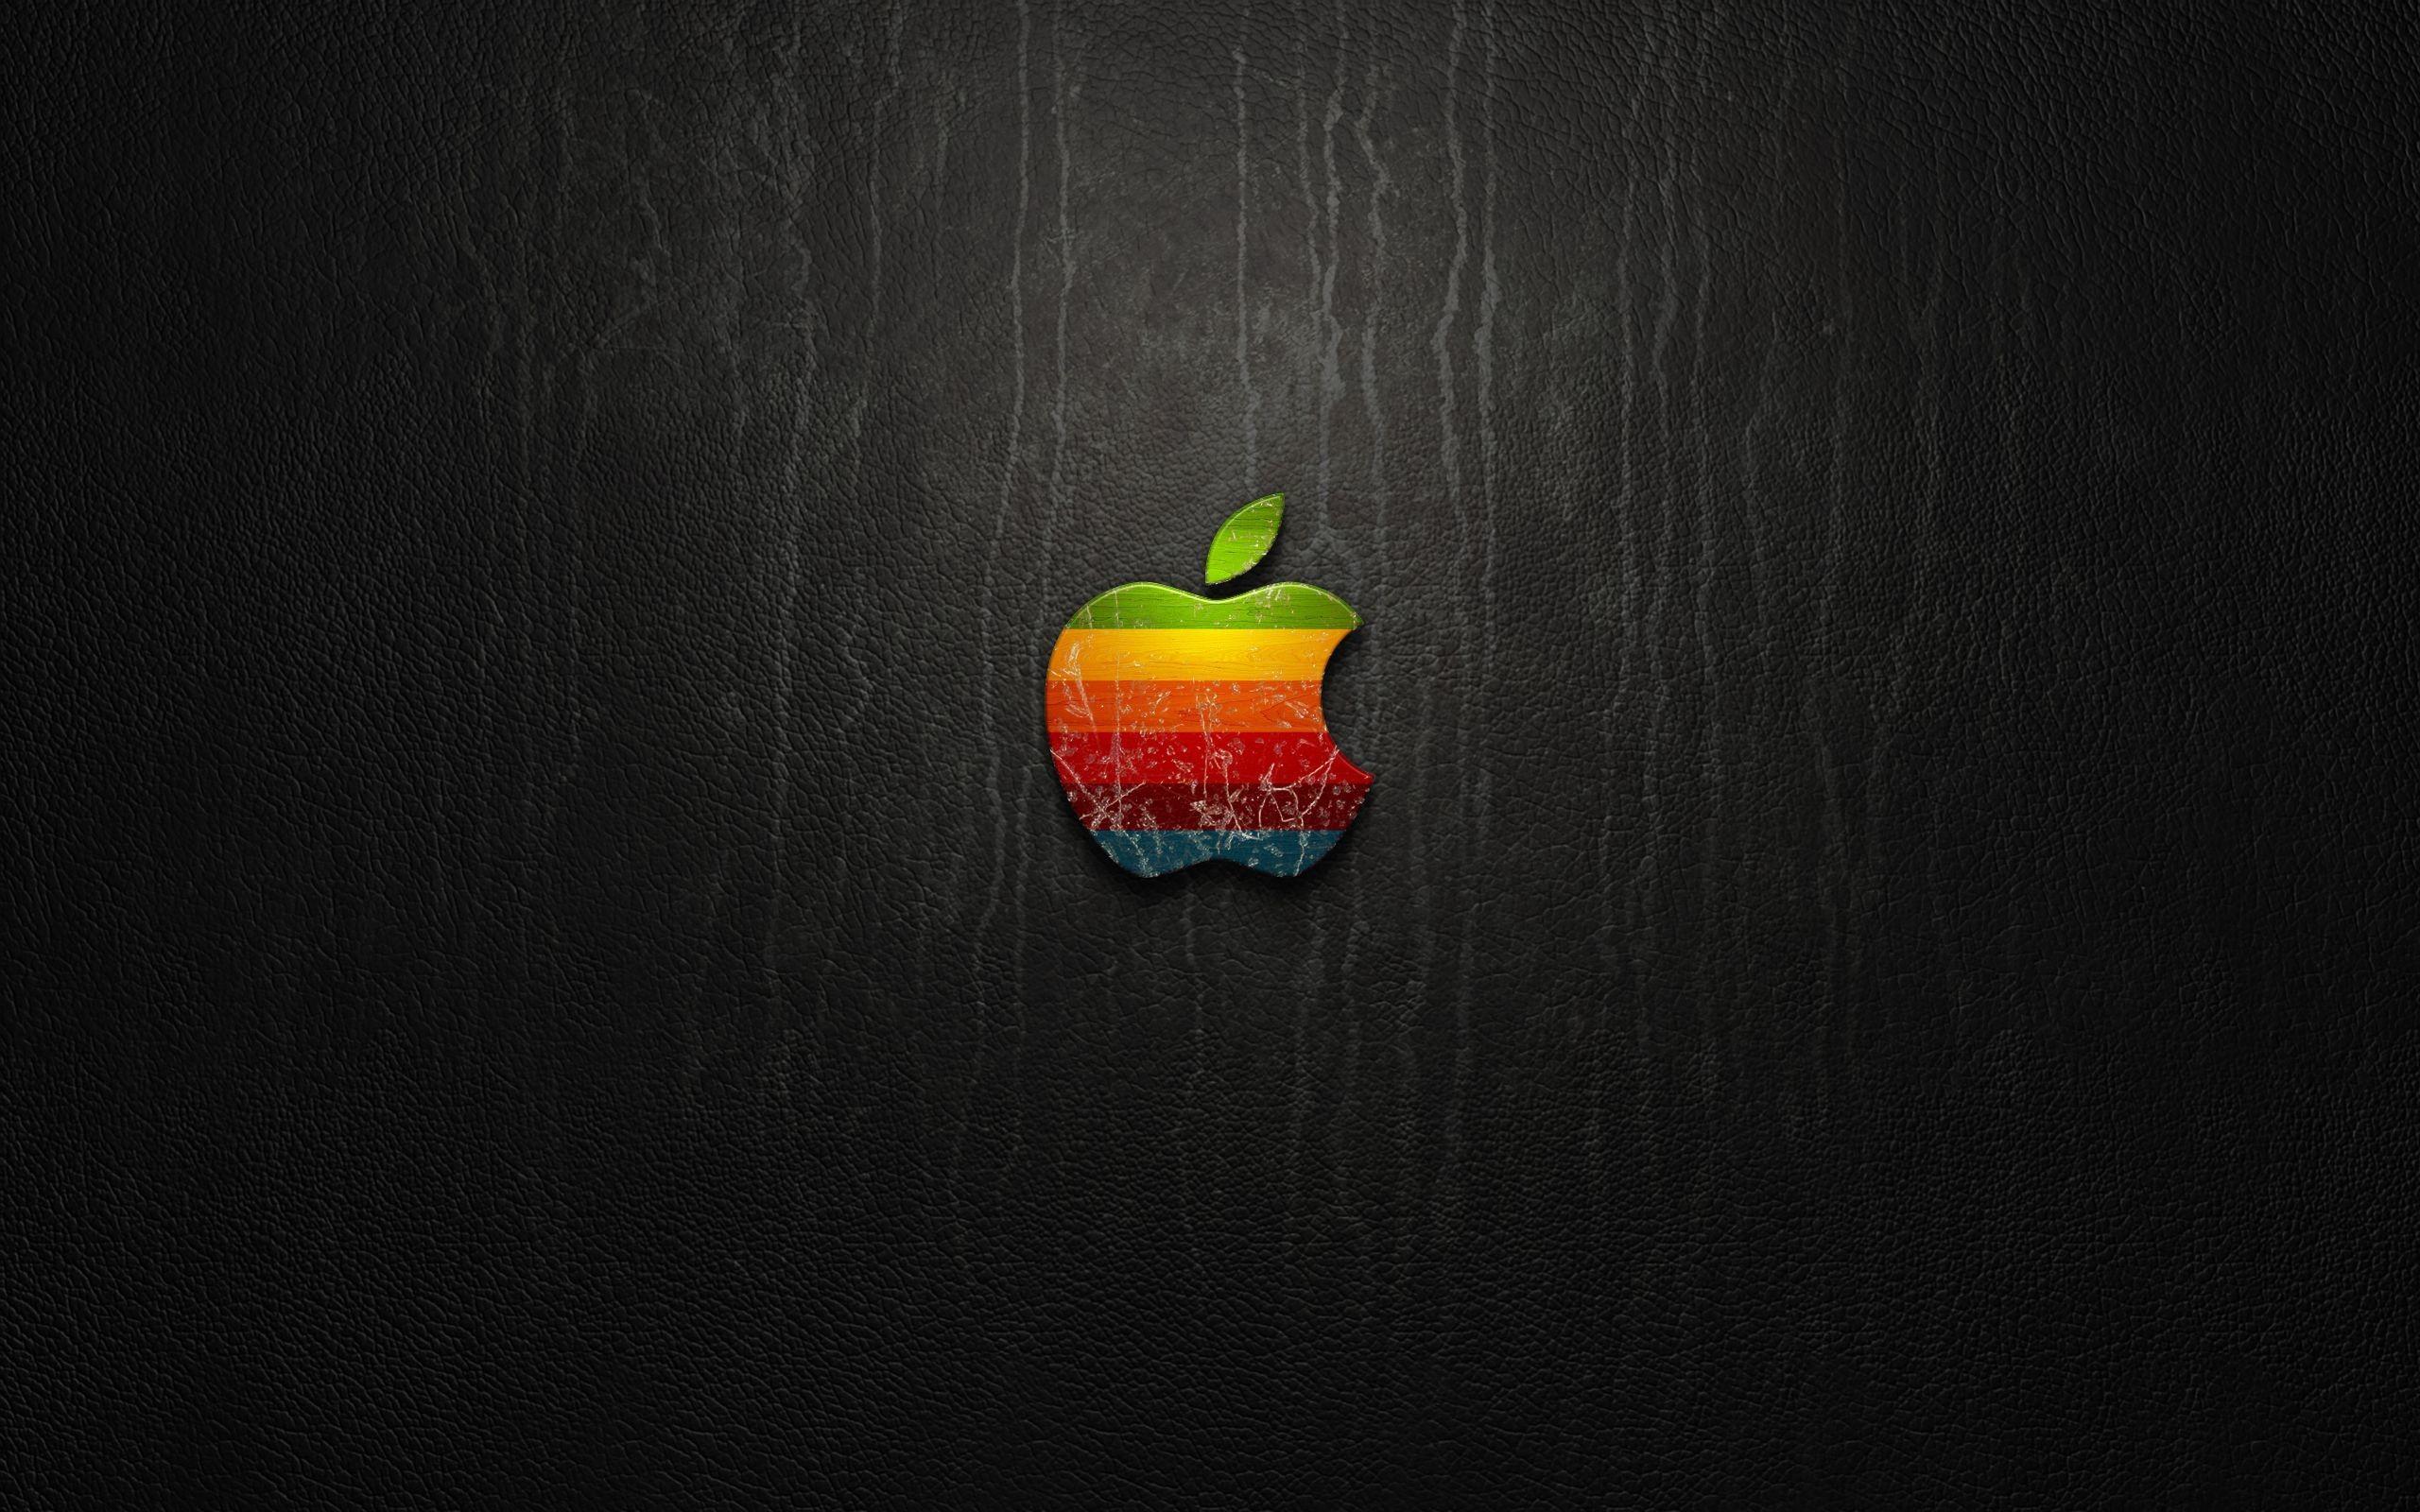 Brands & Logos wallpapers